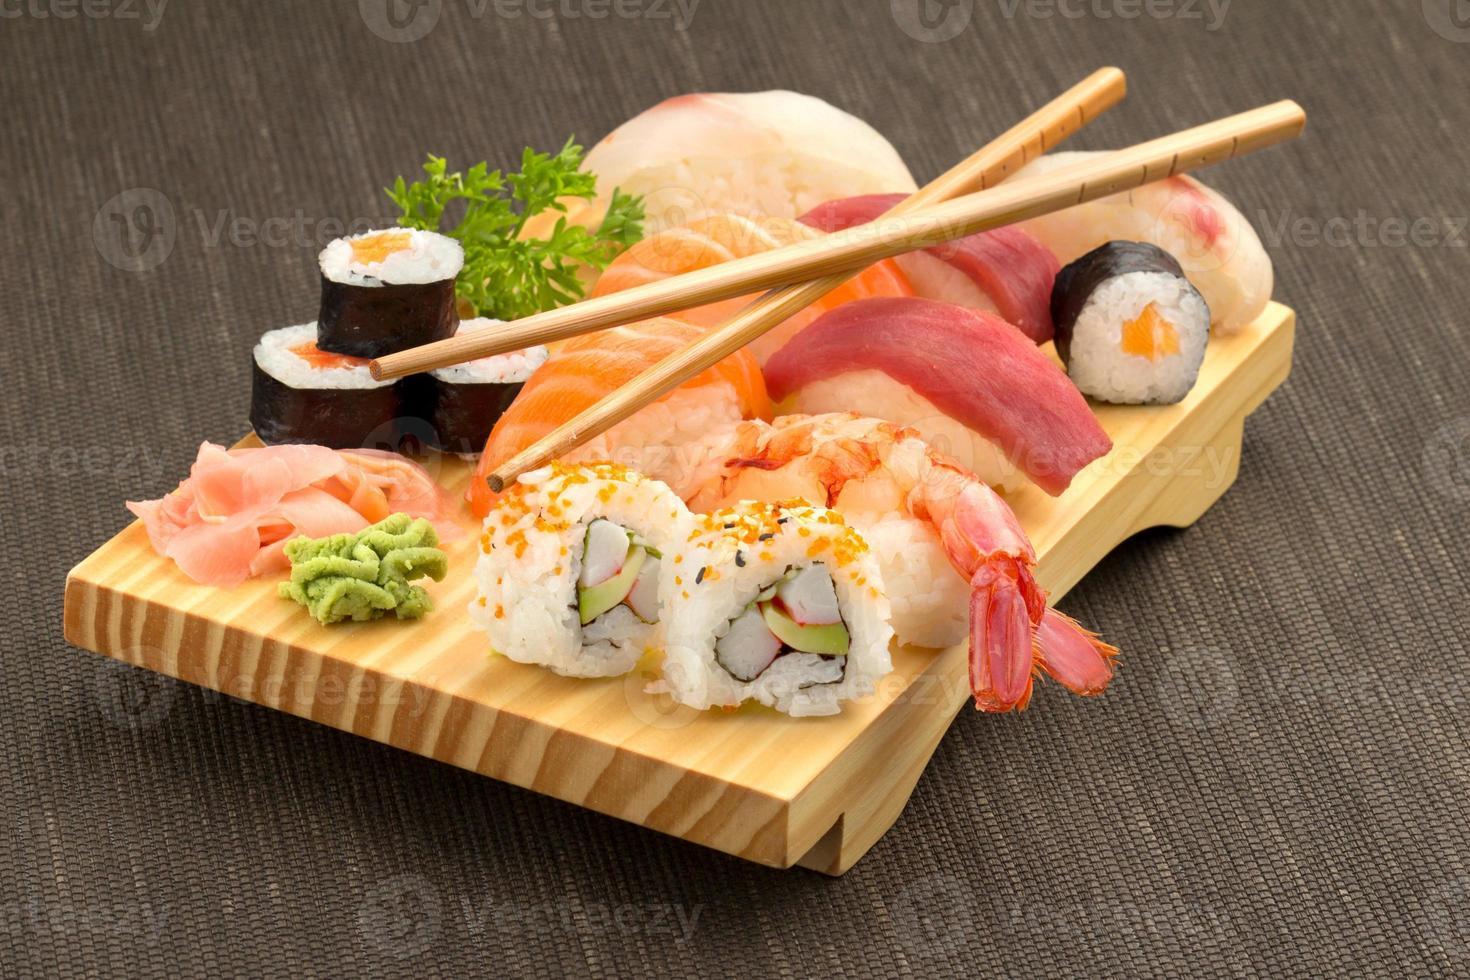 sushi e pauzinhos na placa de madeira foto